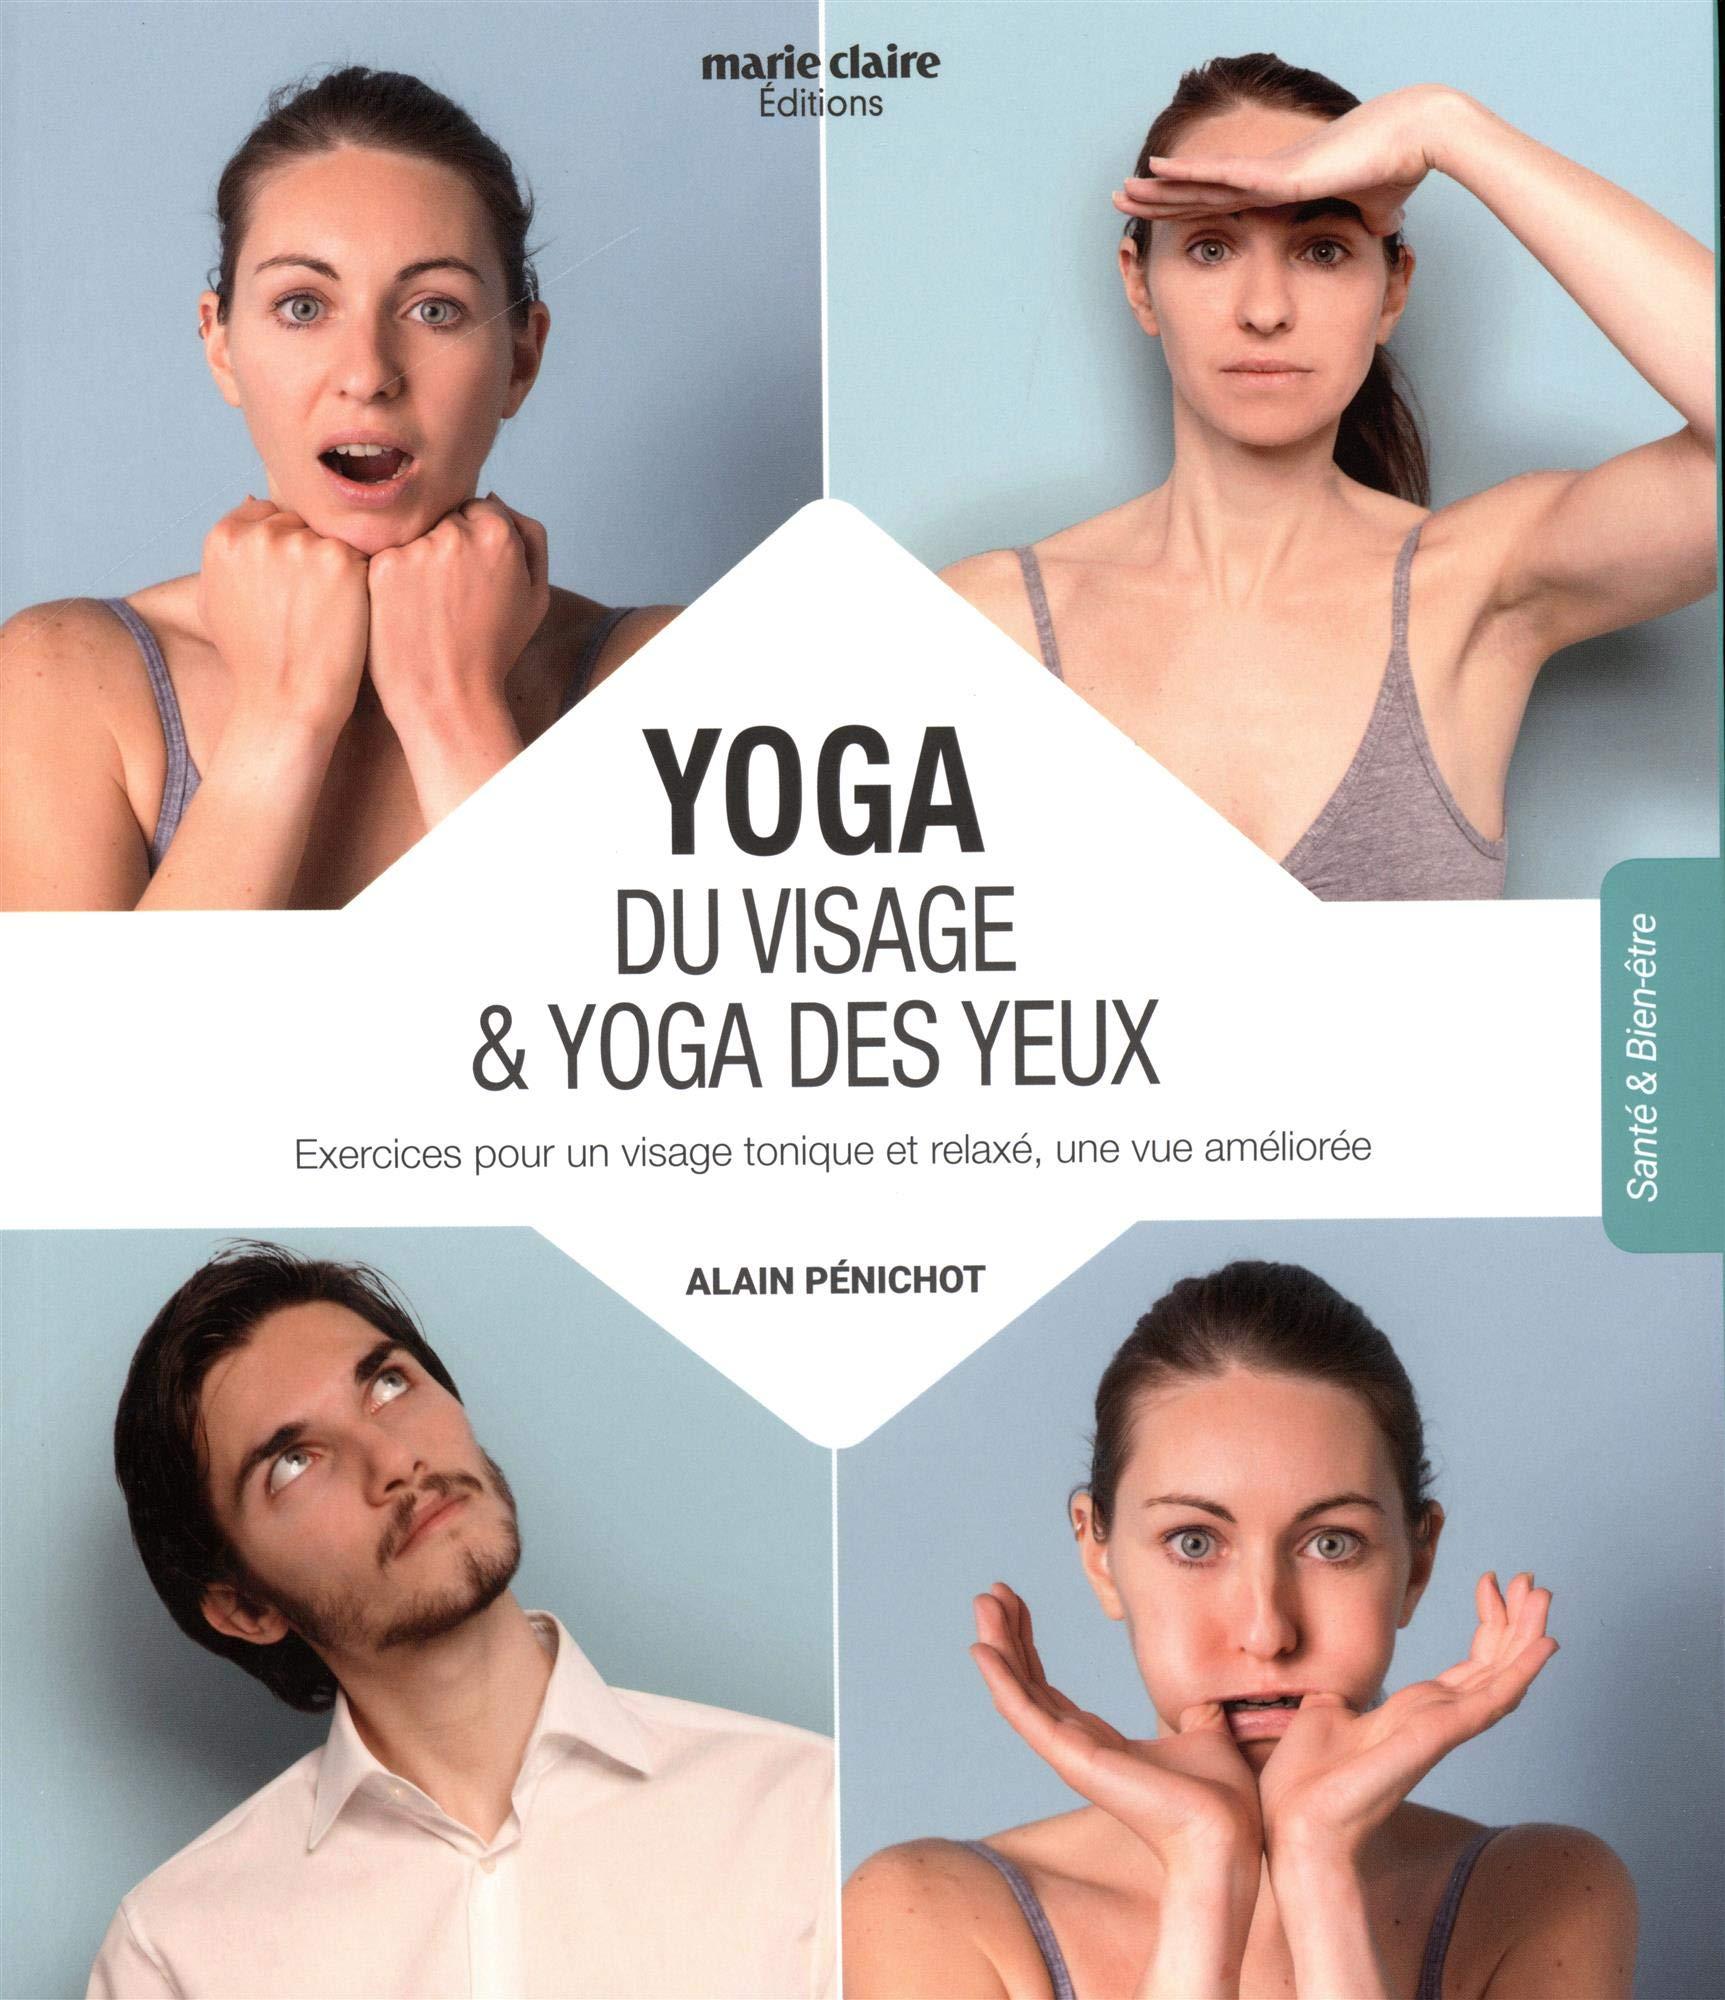 Yoga du visage & yoga des yeux : Techniques de bien-être ...